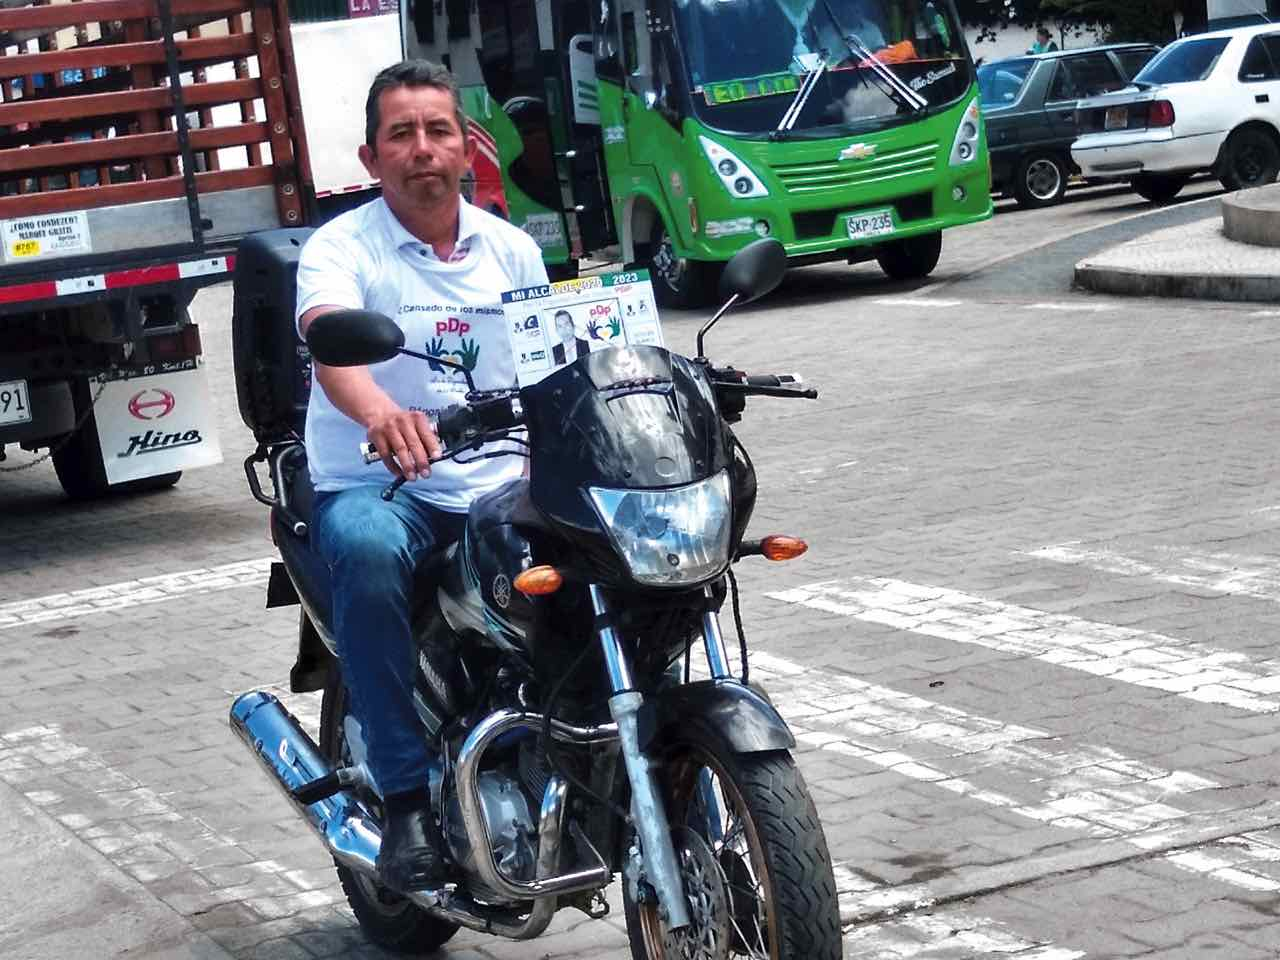 Mario Rosas Bermúdez, de 42 años, se graduó en administración pública para ser alcalde de Boavita